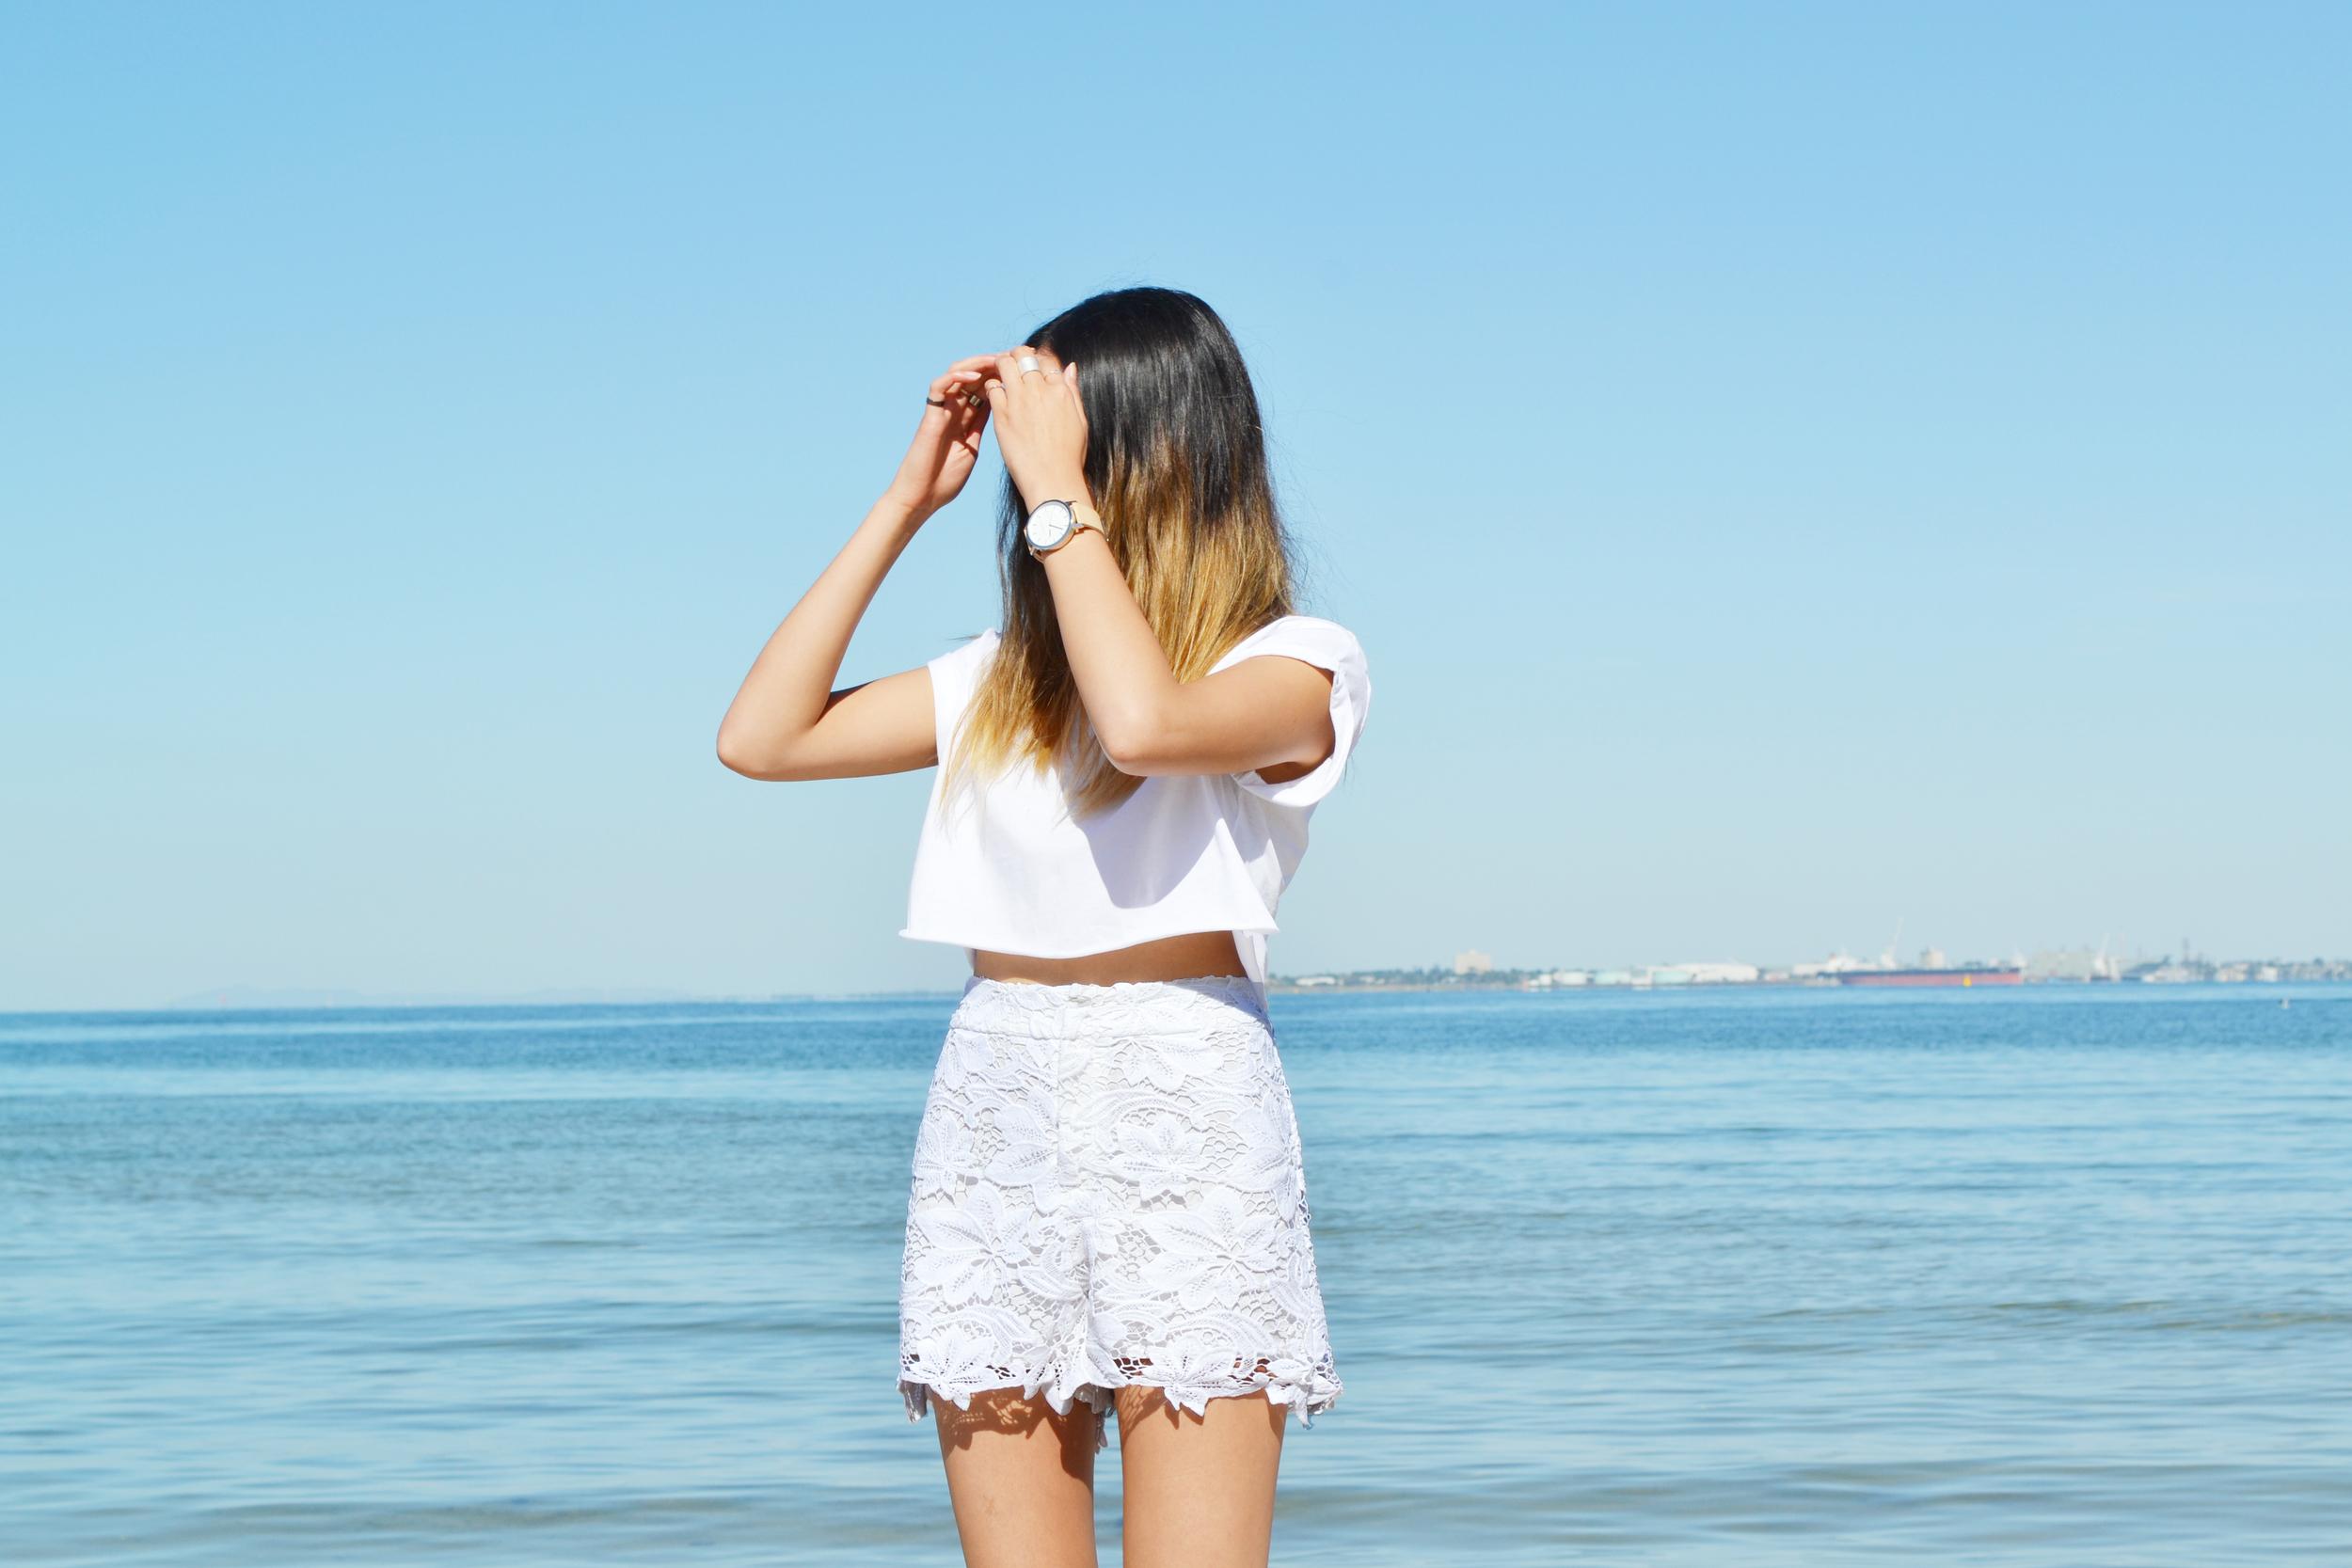 vivcha_fashion_melbourne_blogger_blog_model_ryder_label_style_designer_2015_5.jpg